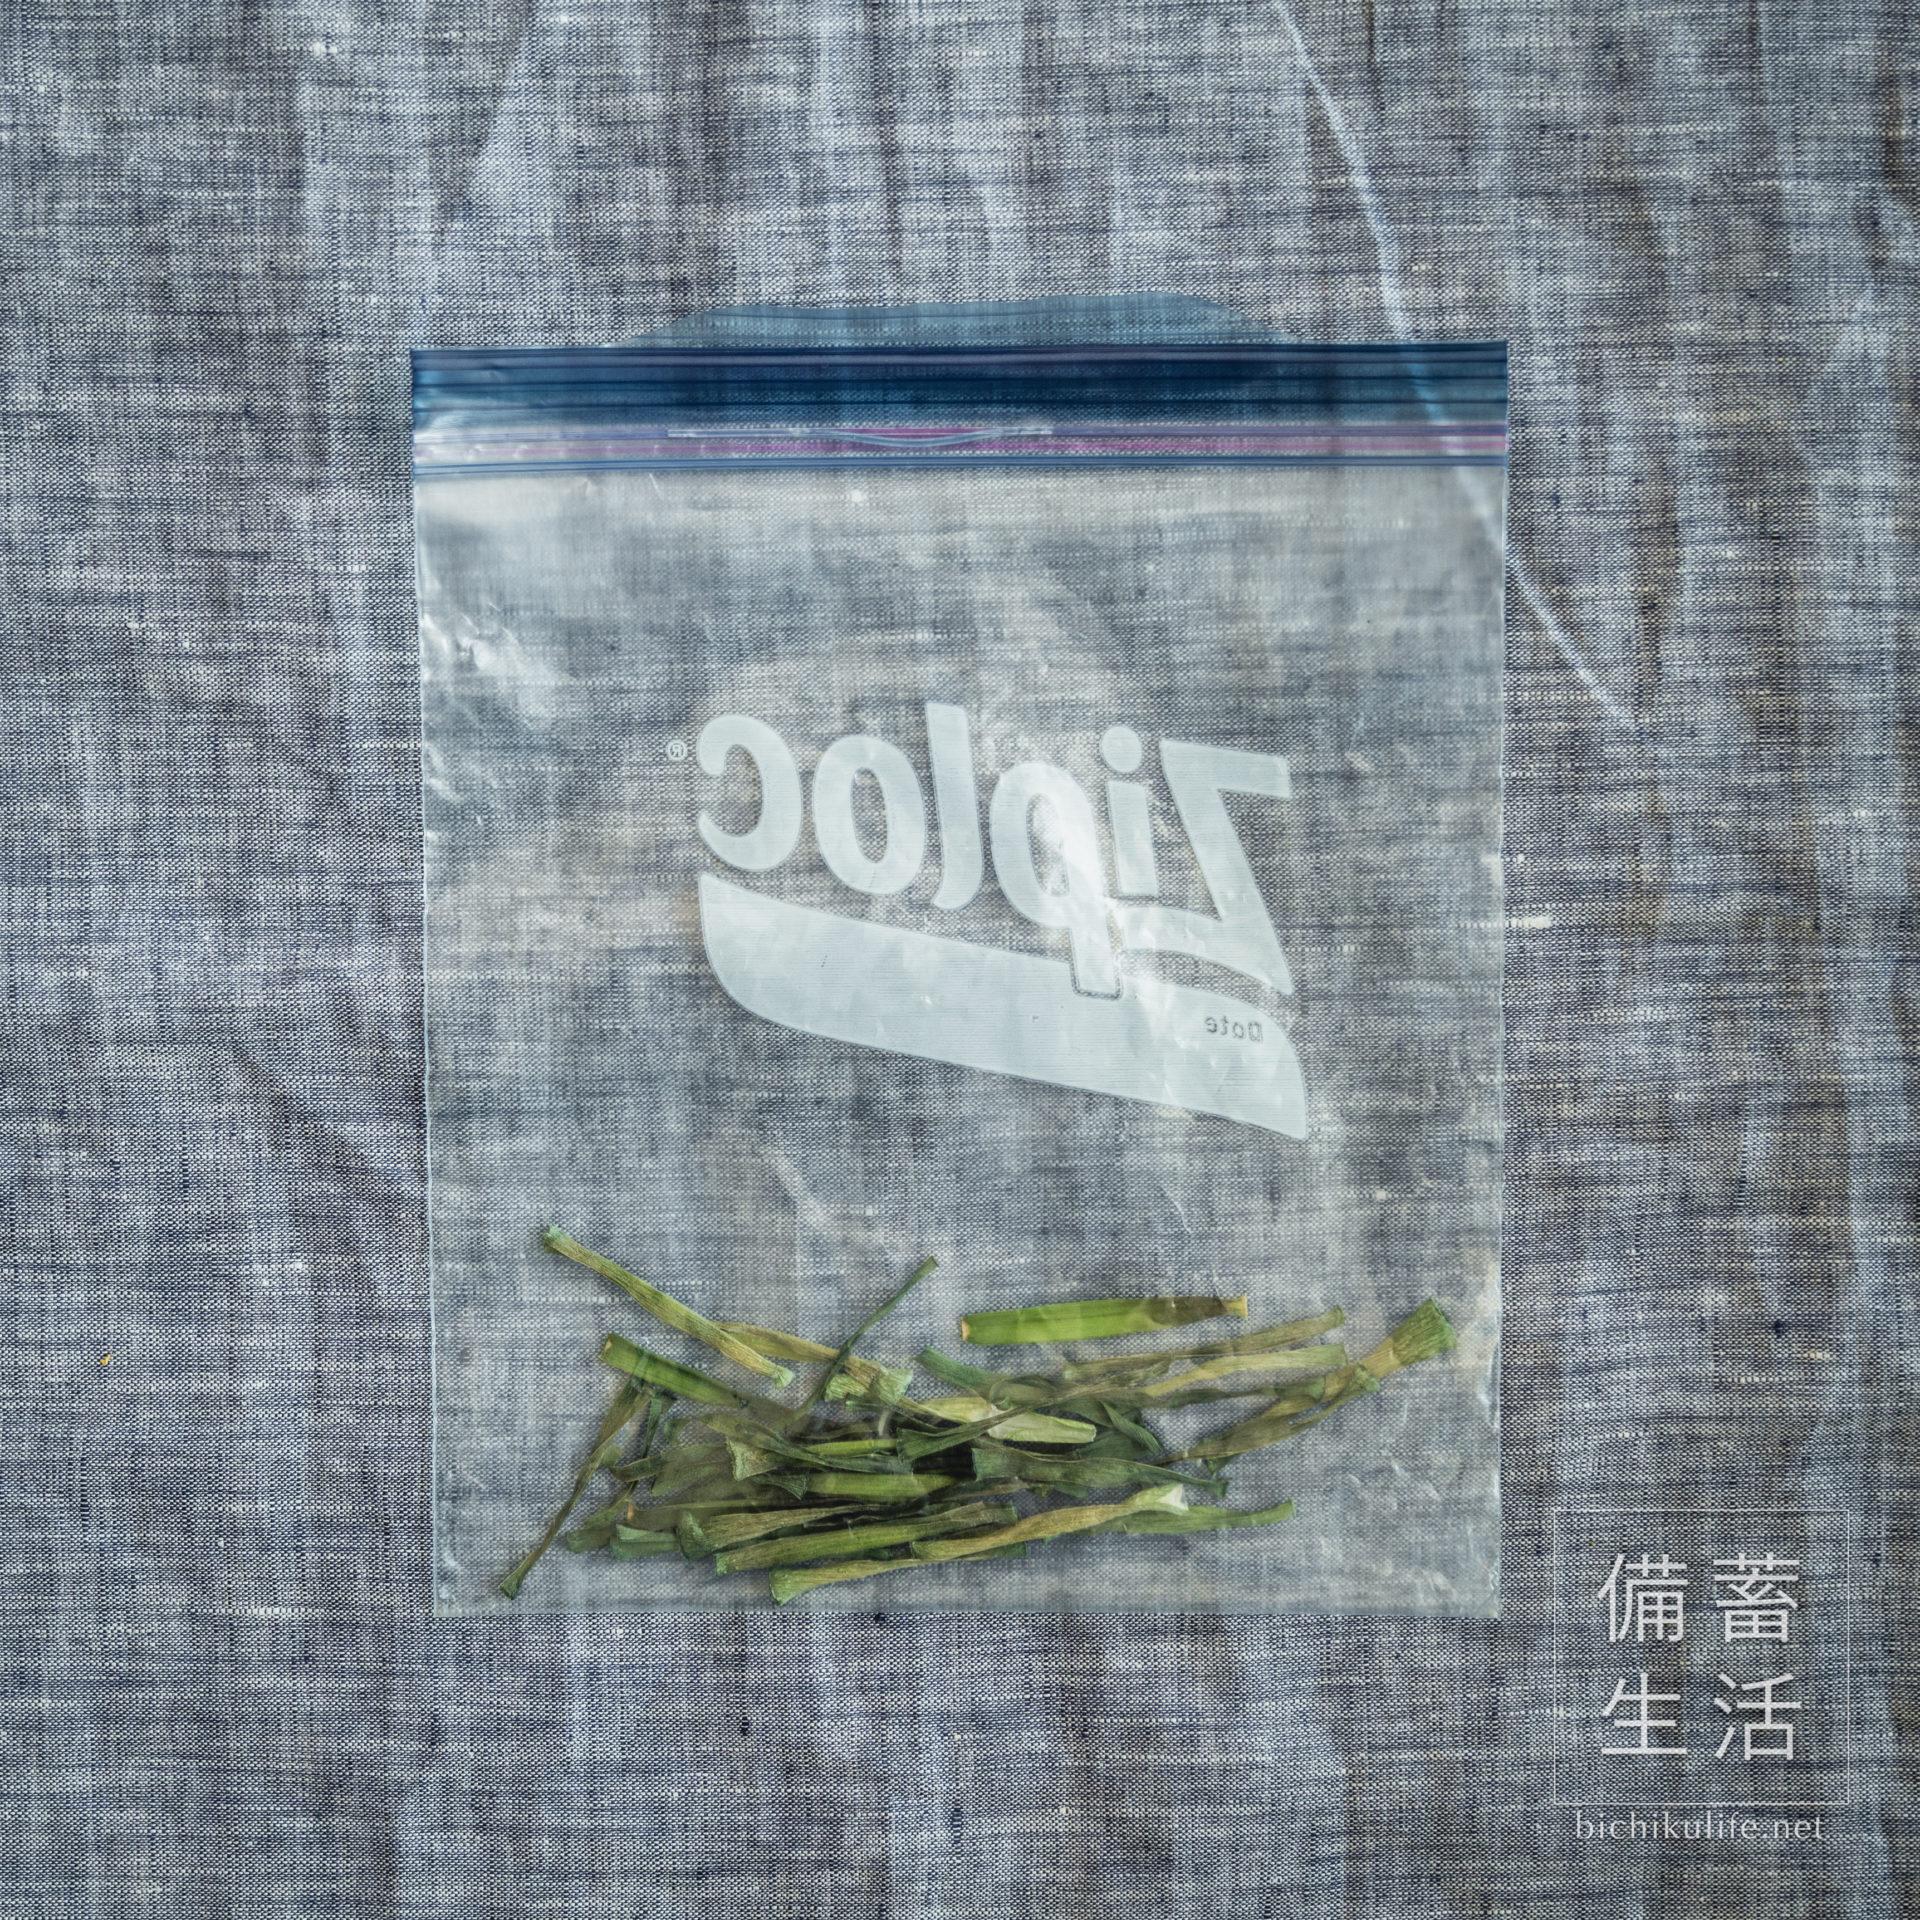 干しニラをジップロック(保存袋)で保存